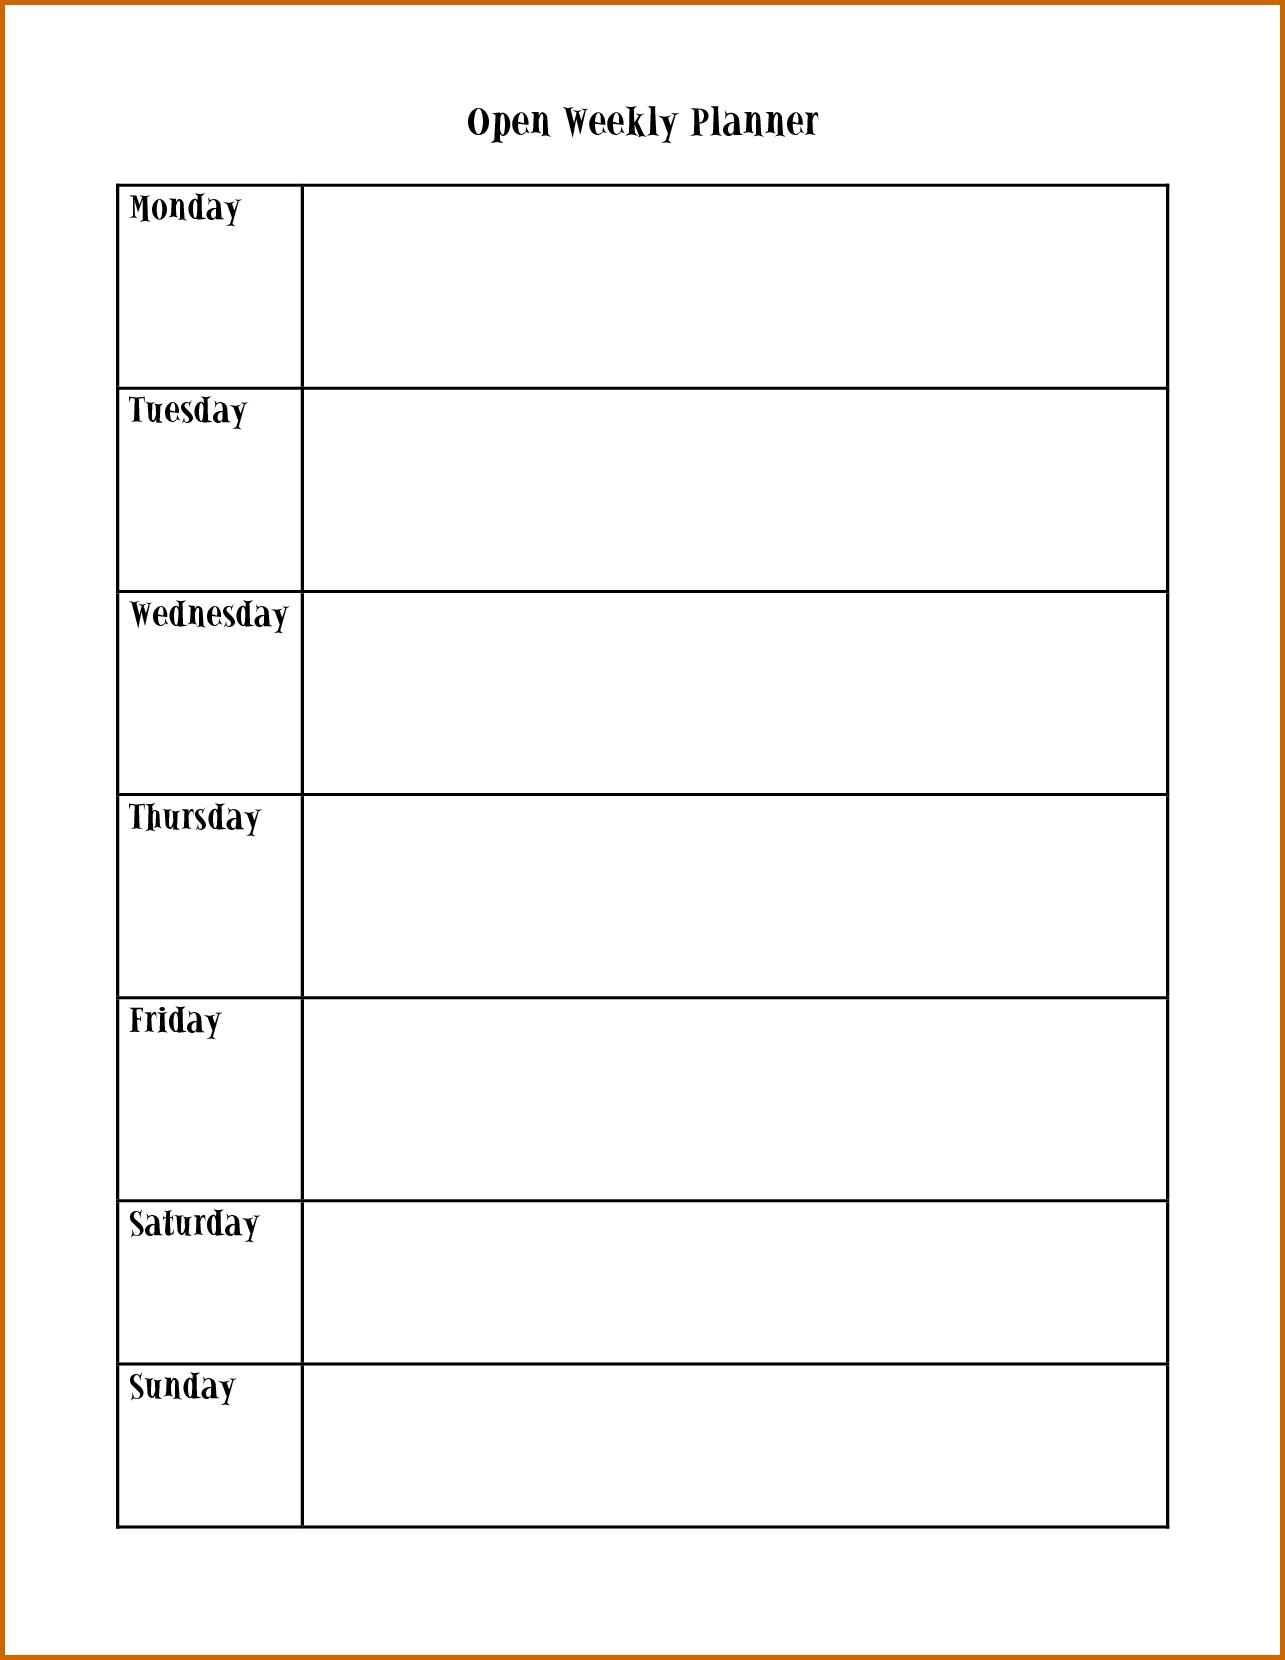 Monday Through Friday Calendar Template   Calendar regarding Blank Calendar Monday Through Friday